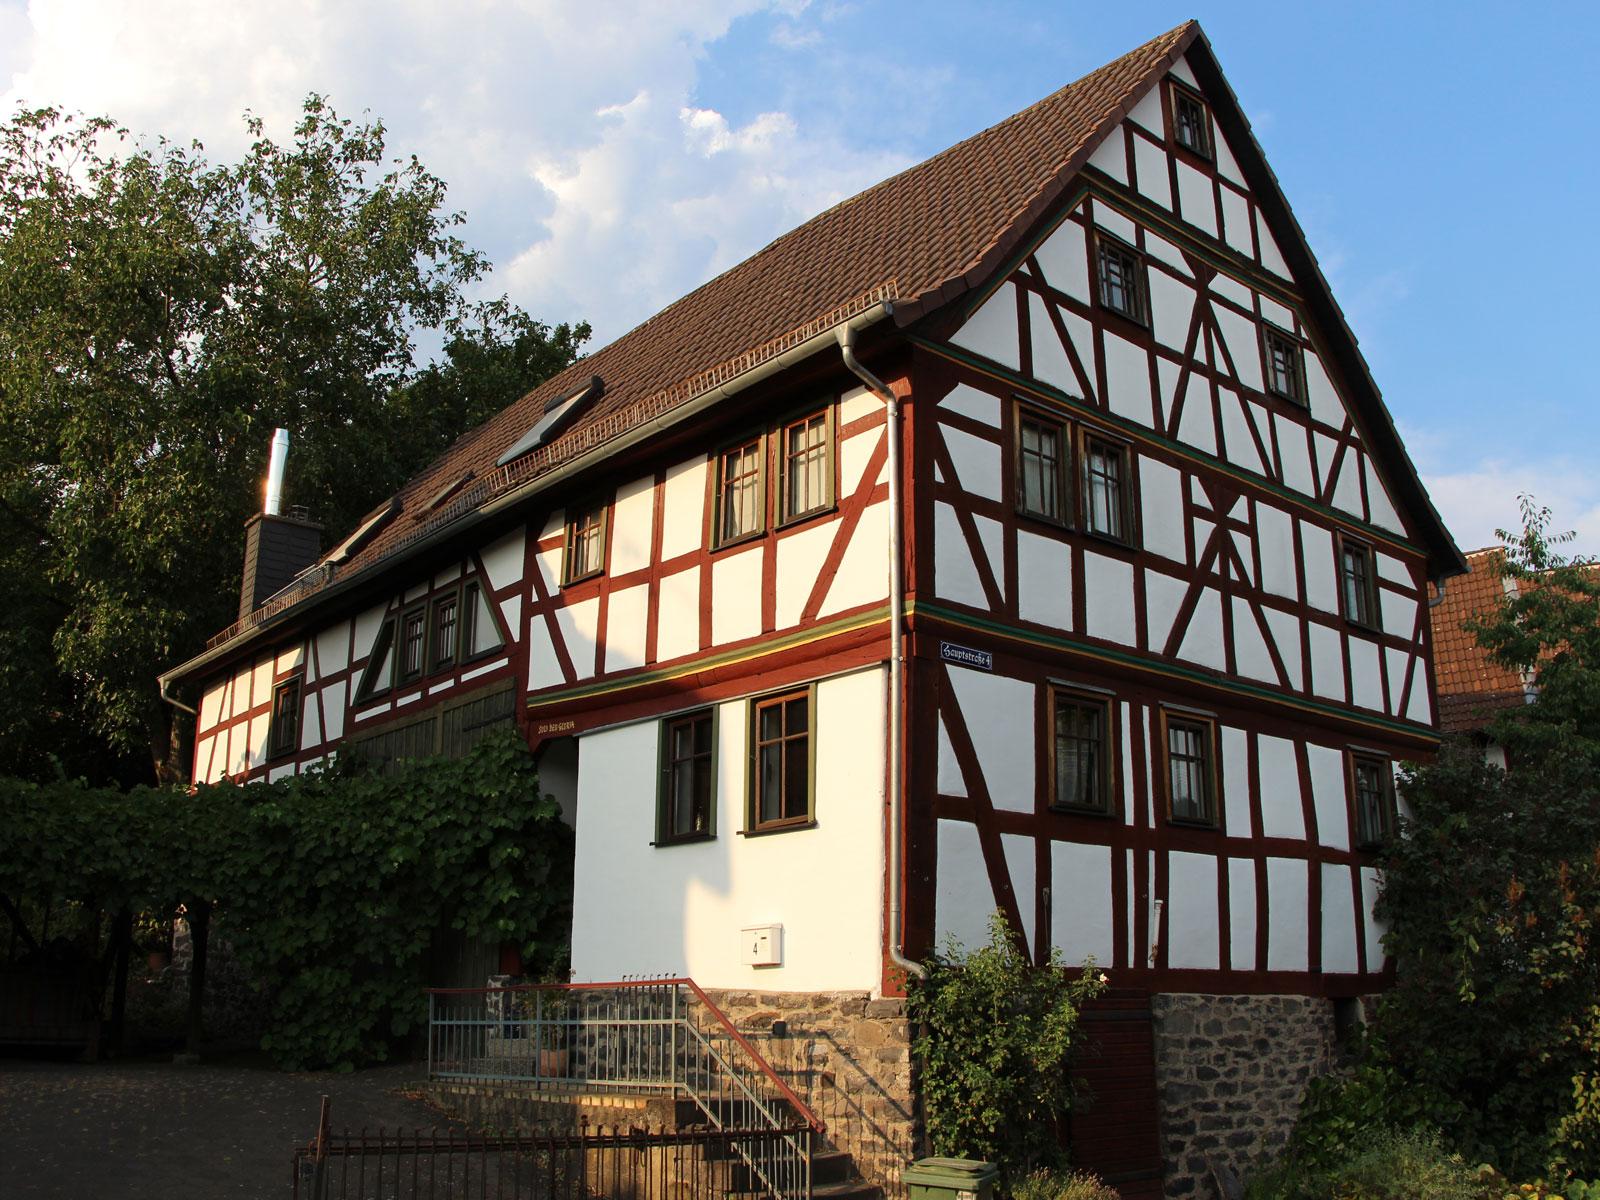 Denkmalgeschütztes Fachwekhaus Hauptstraße 4, Gonterskirchen, Kulturdenkmäler Laubach